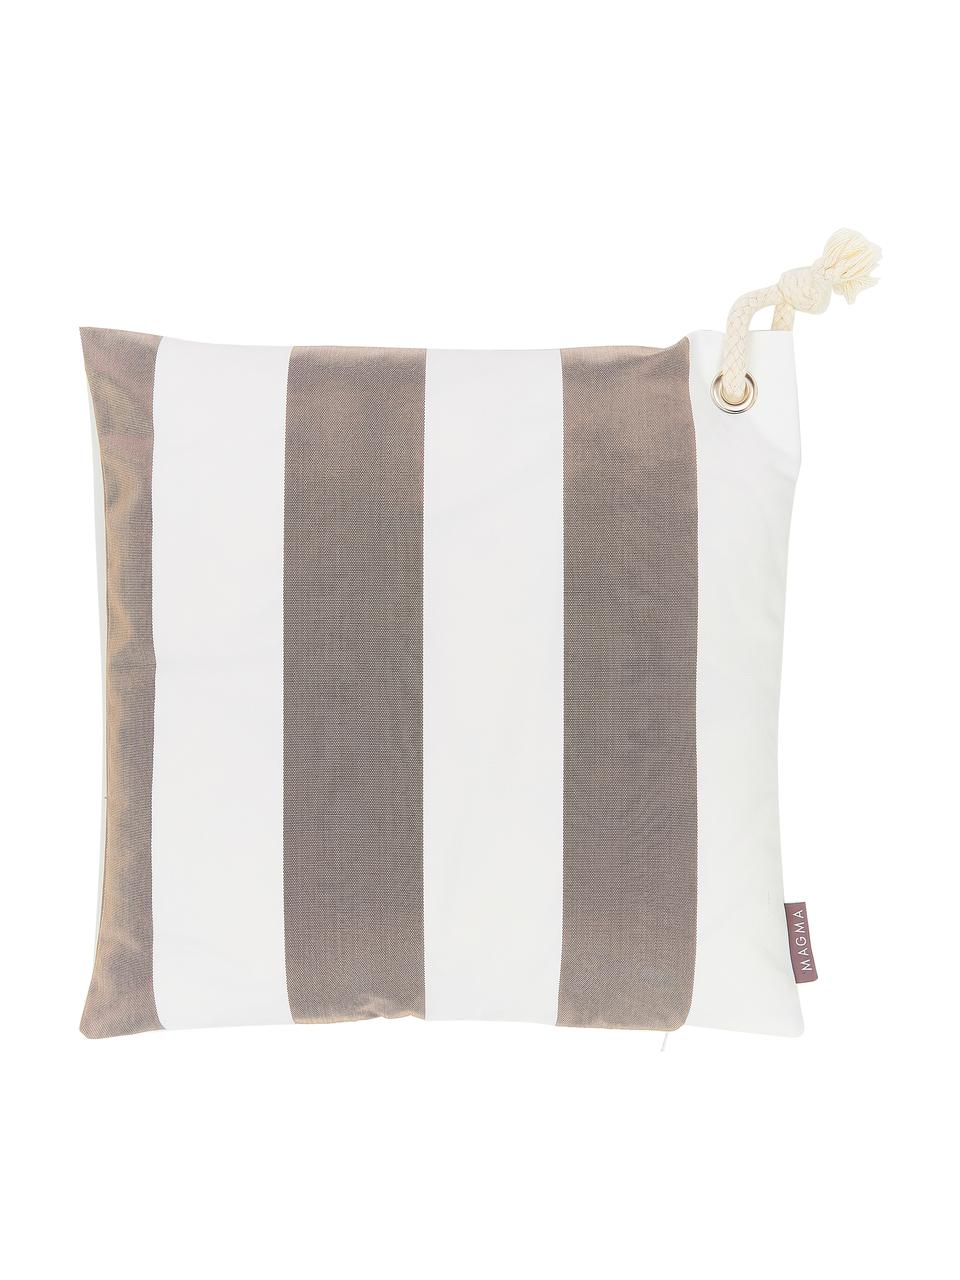 Gestreifte Outdoor-Kissenhülle Santorin in Taupe/Weiß, 100% Polypropylen, Taupe, gebrochenes Weiß, 40 x 40 cm